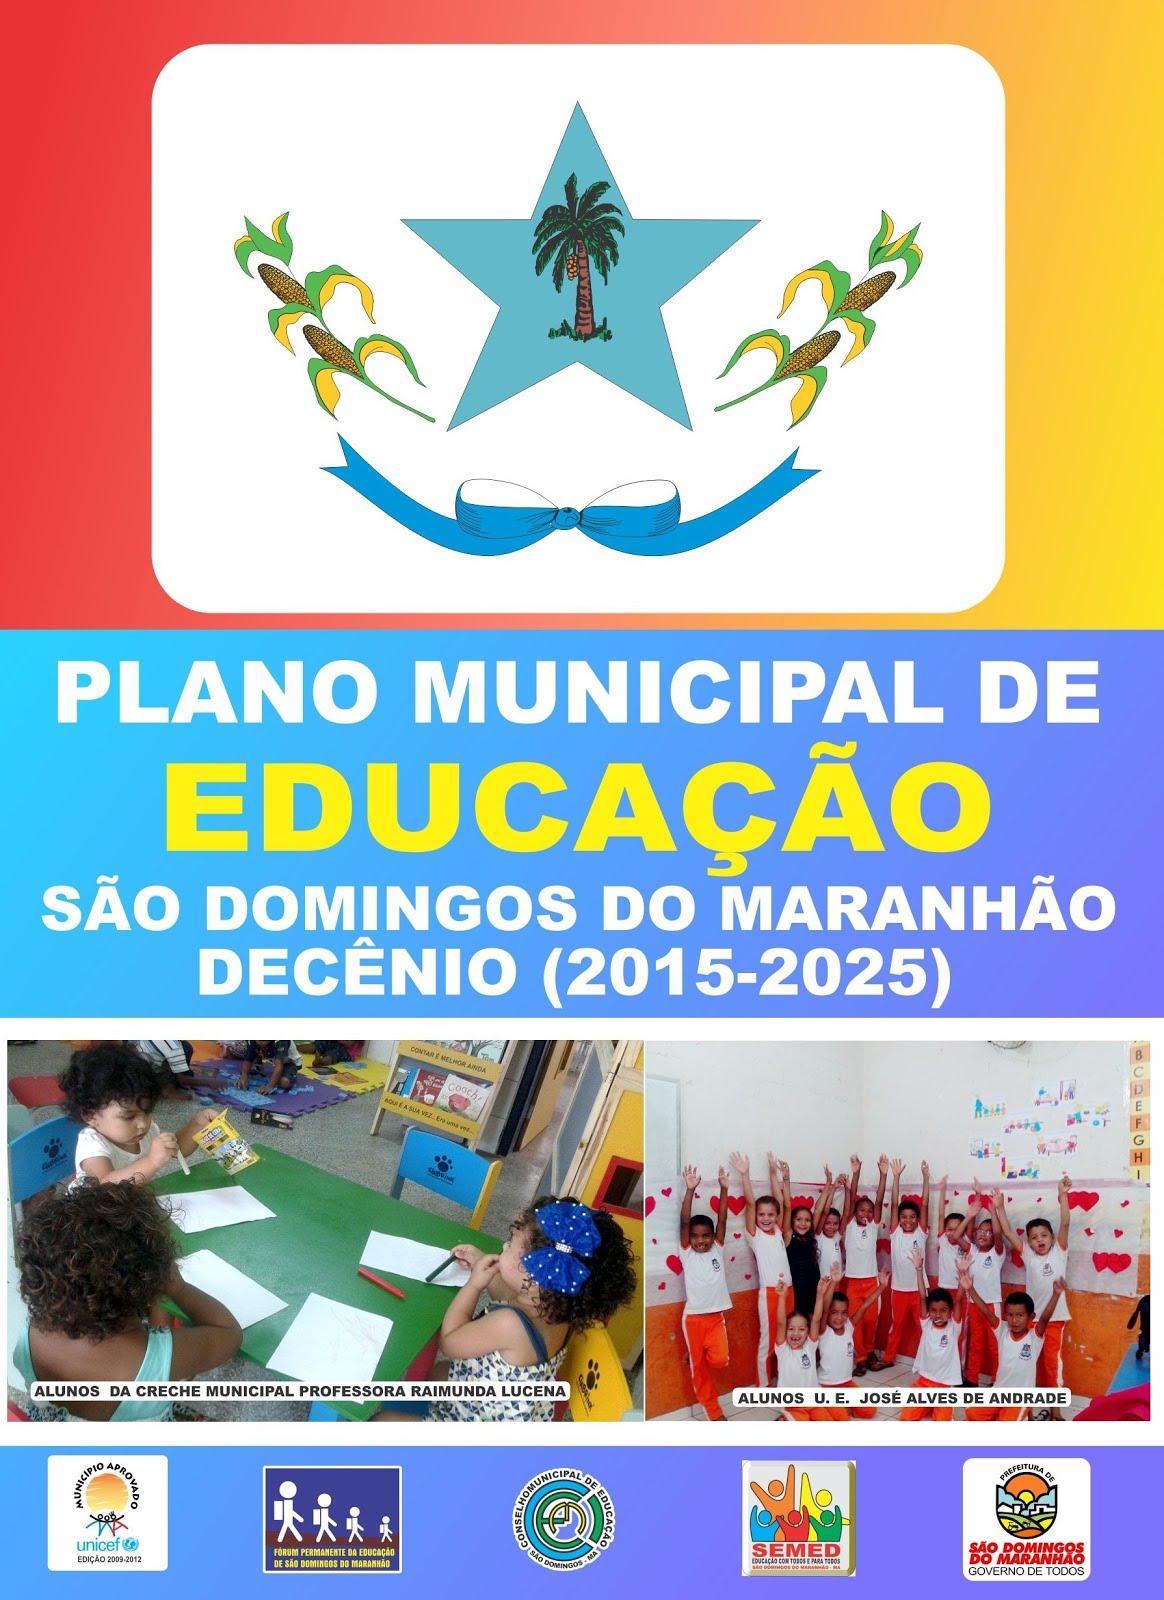 PME São Domingos do Maranhão (2015-2025)